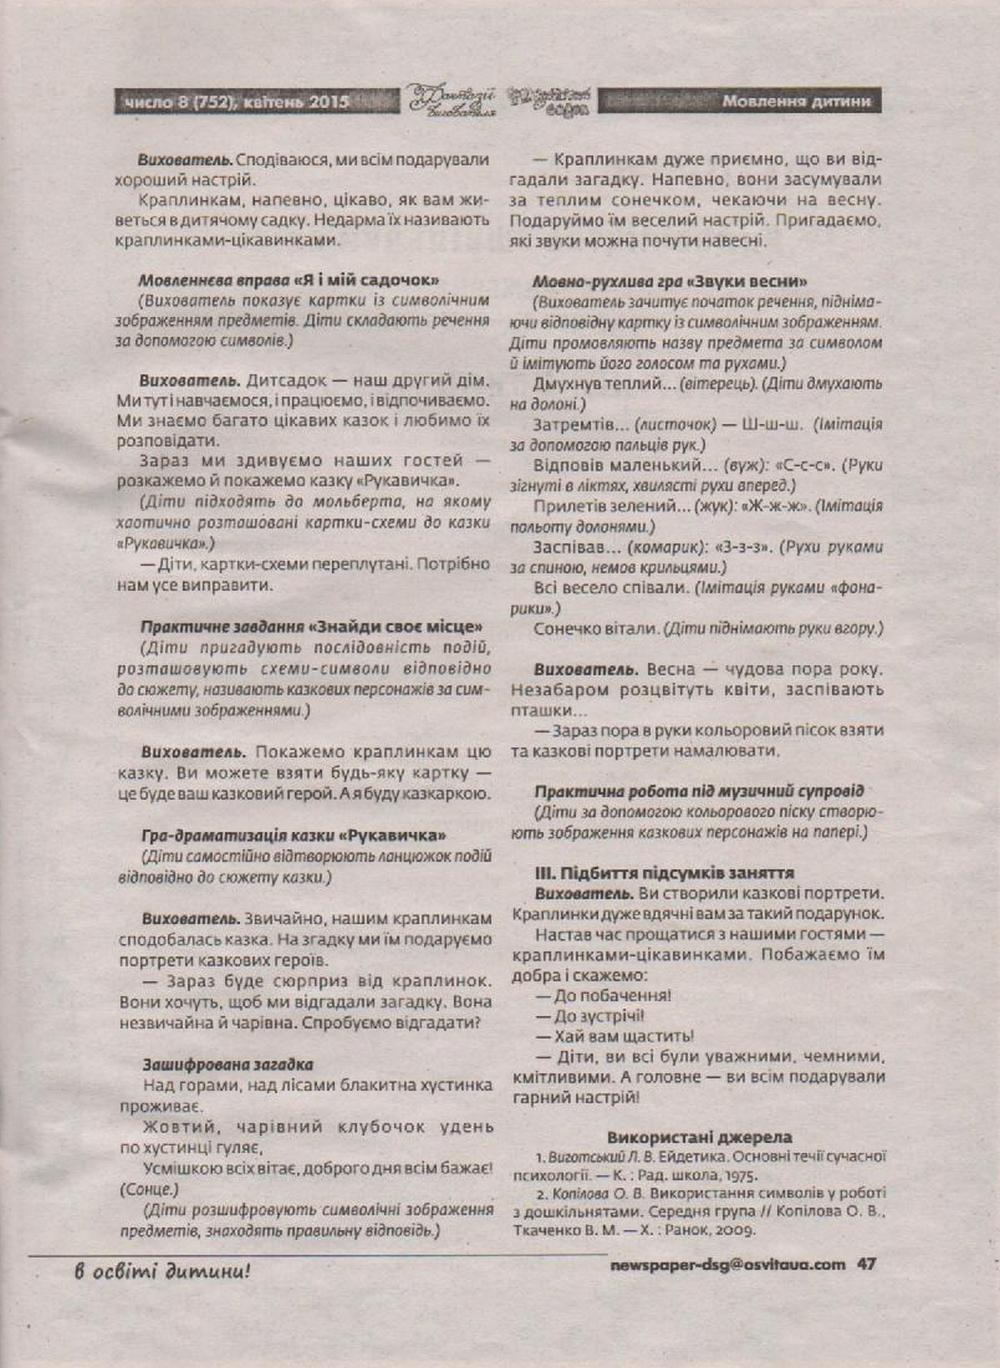 Качнова Р. І. заняття (1)